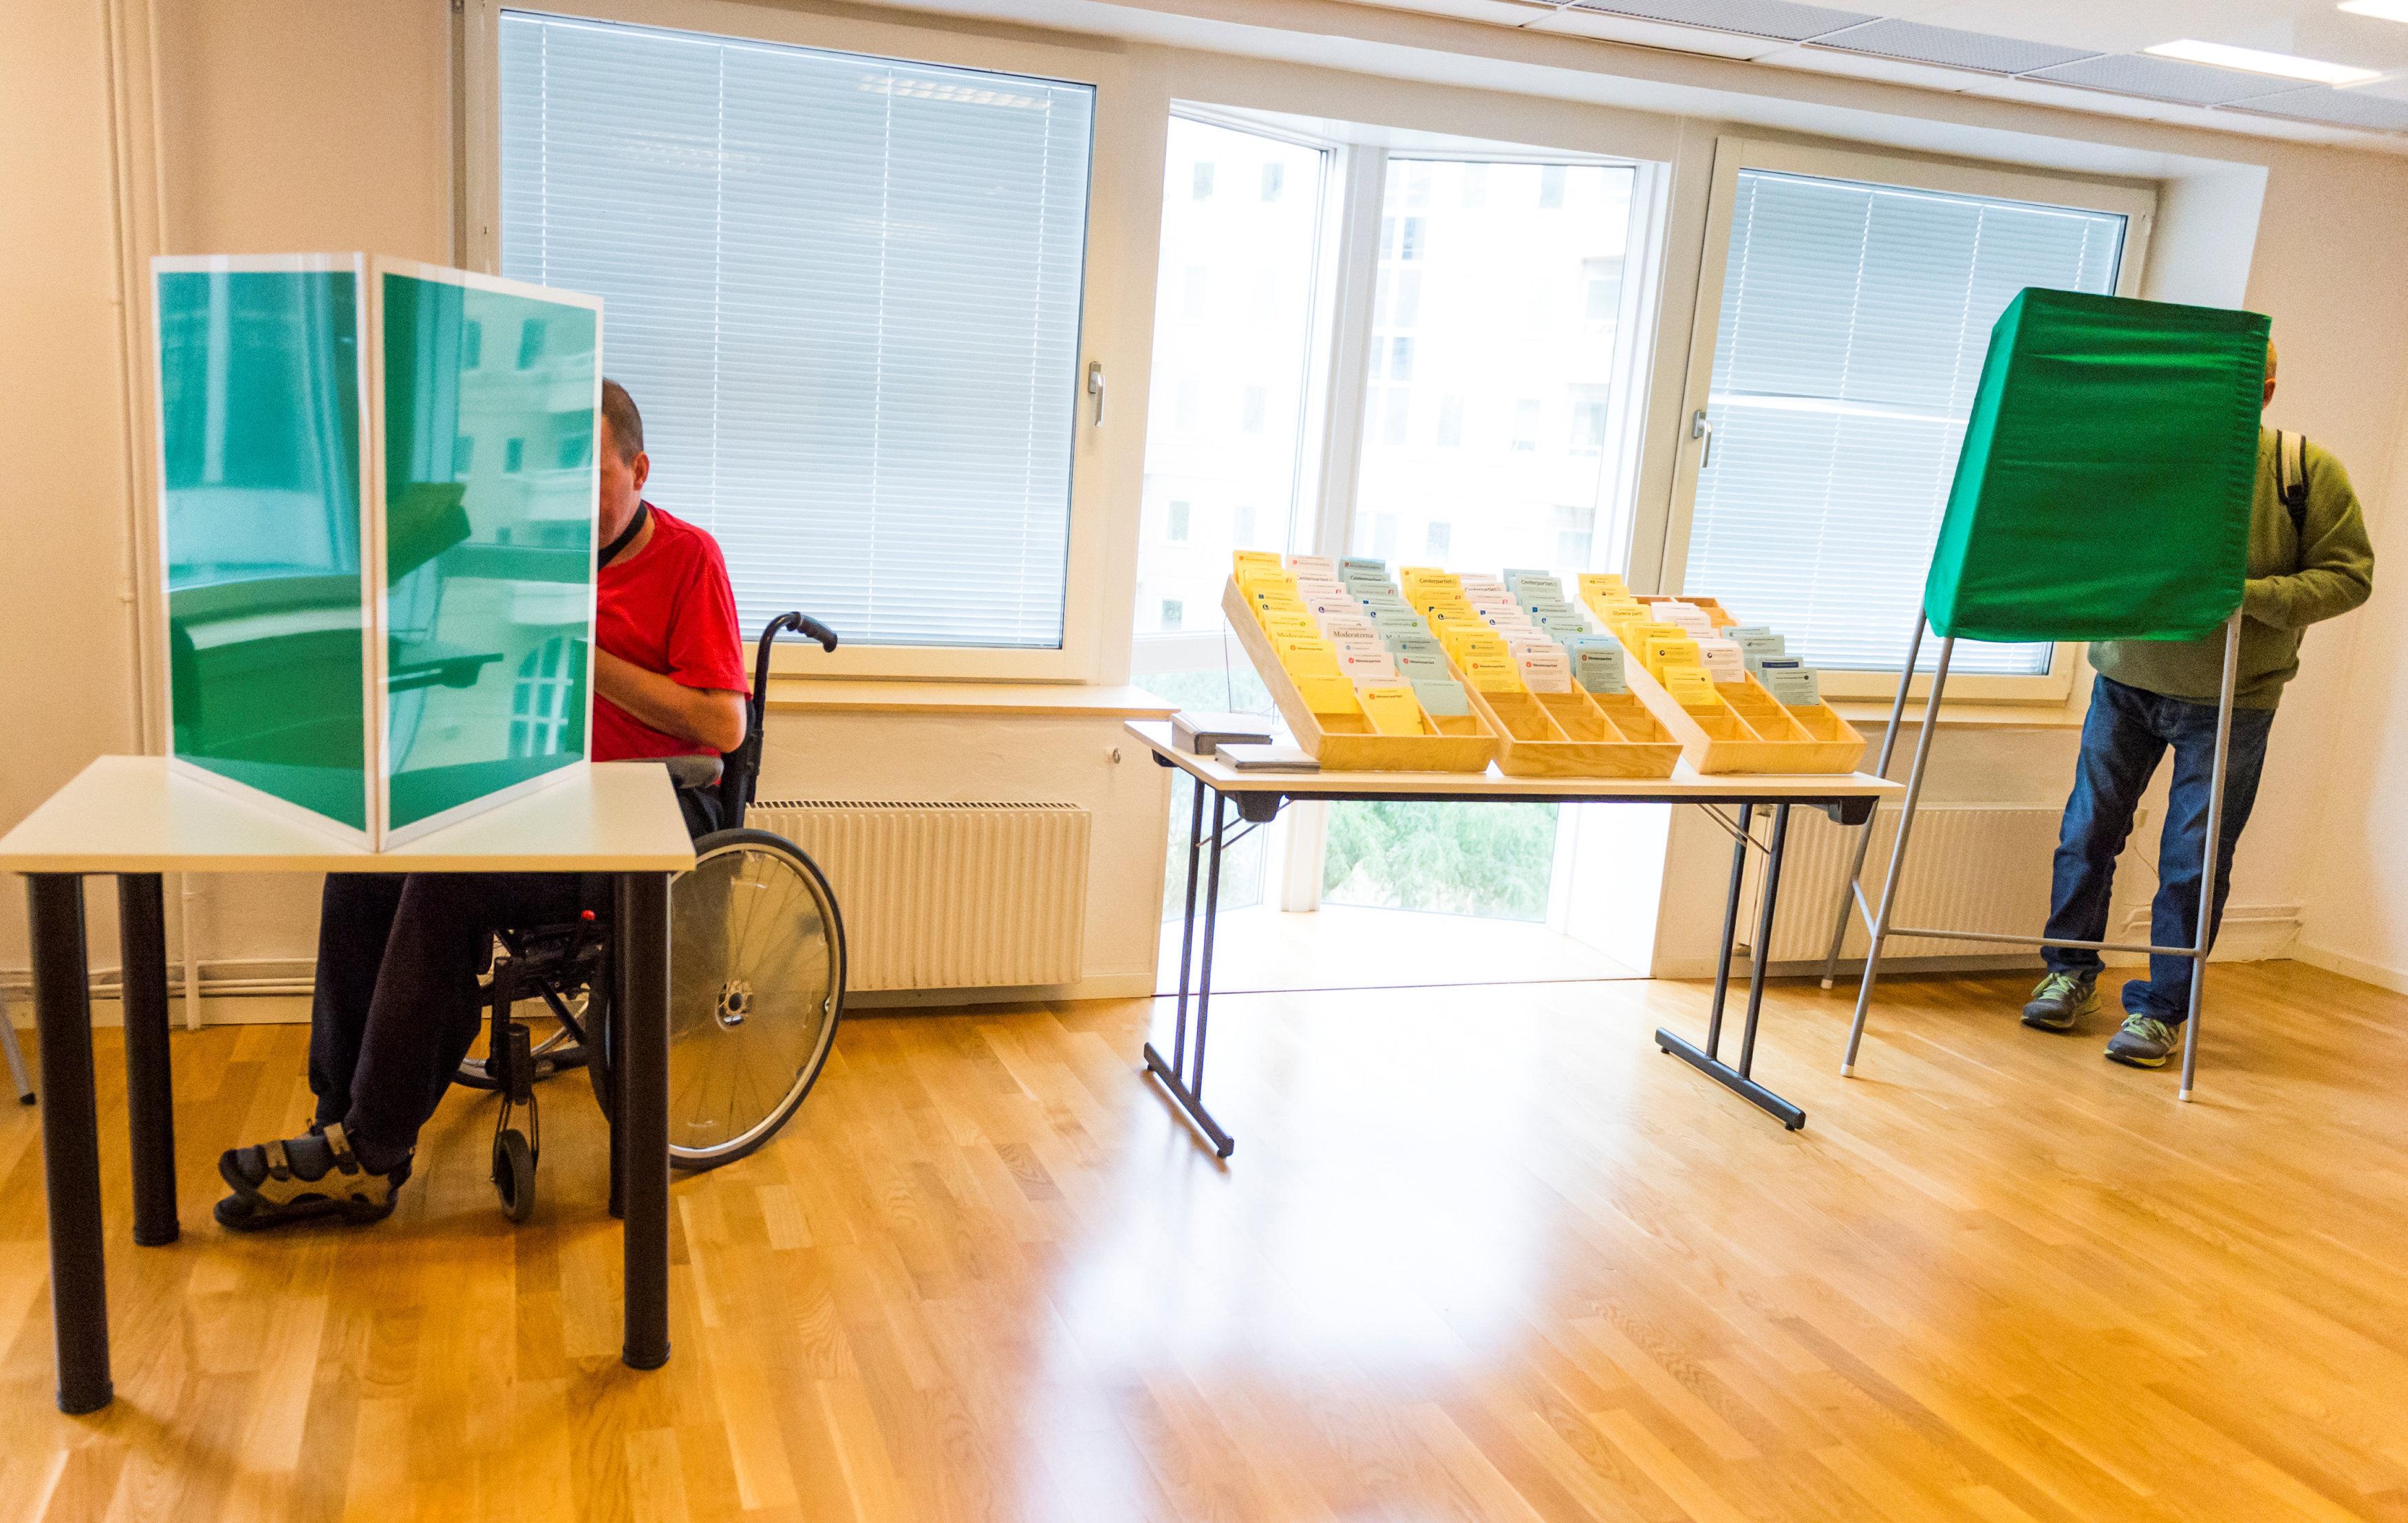 Las personas ejercen su derecho al voto en una mesa electoral en Estocolmo, Suecia